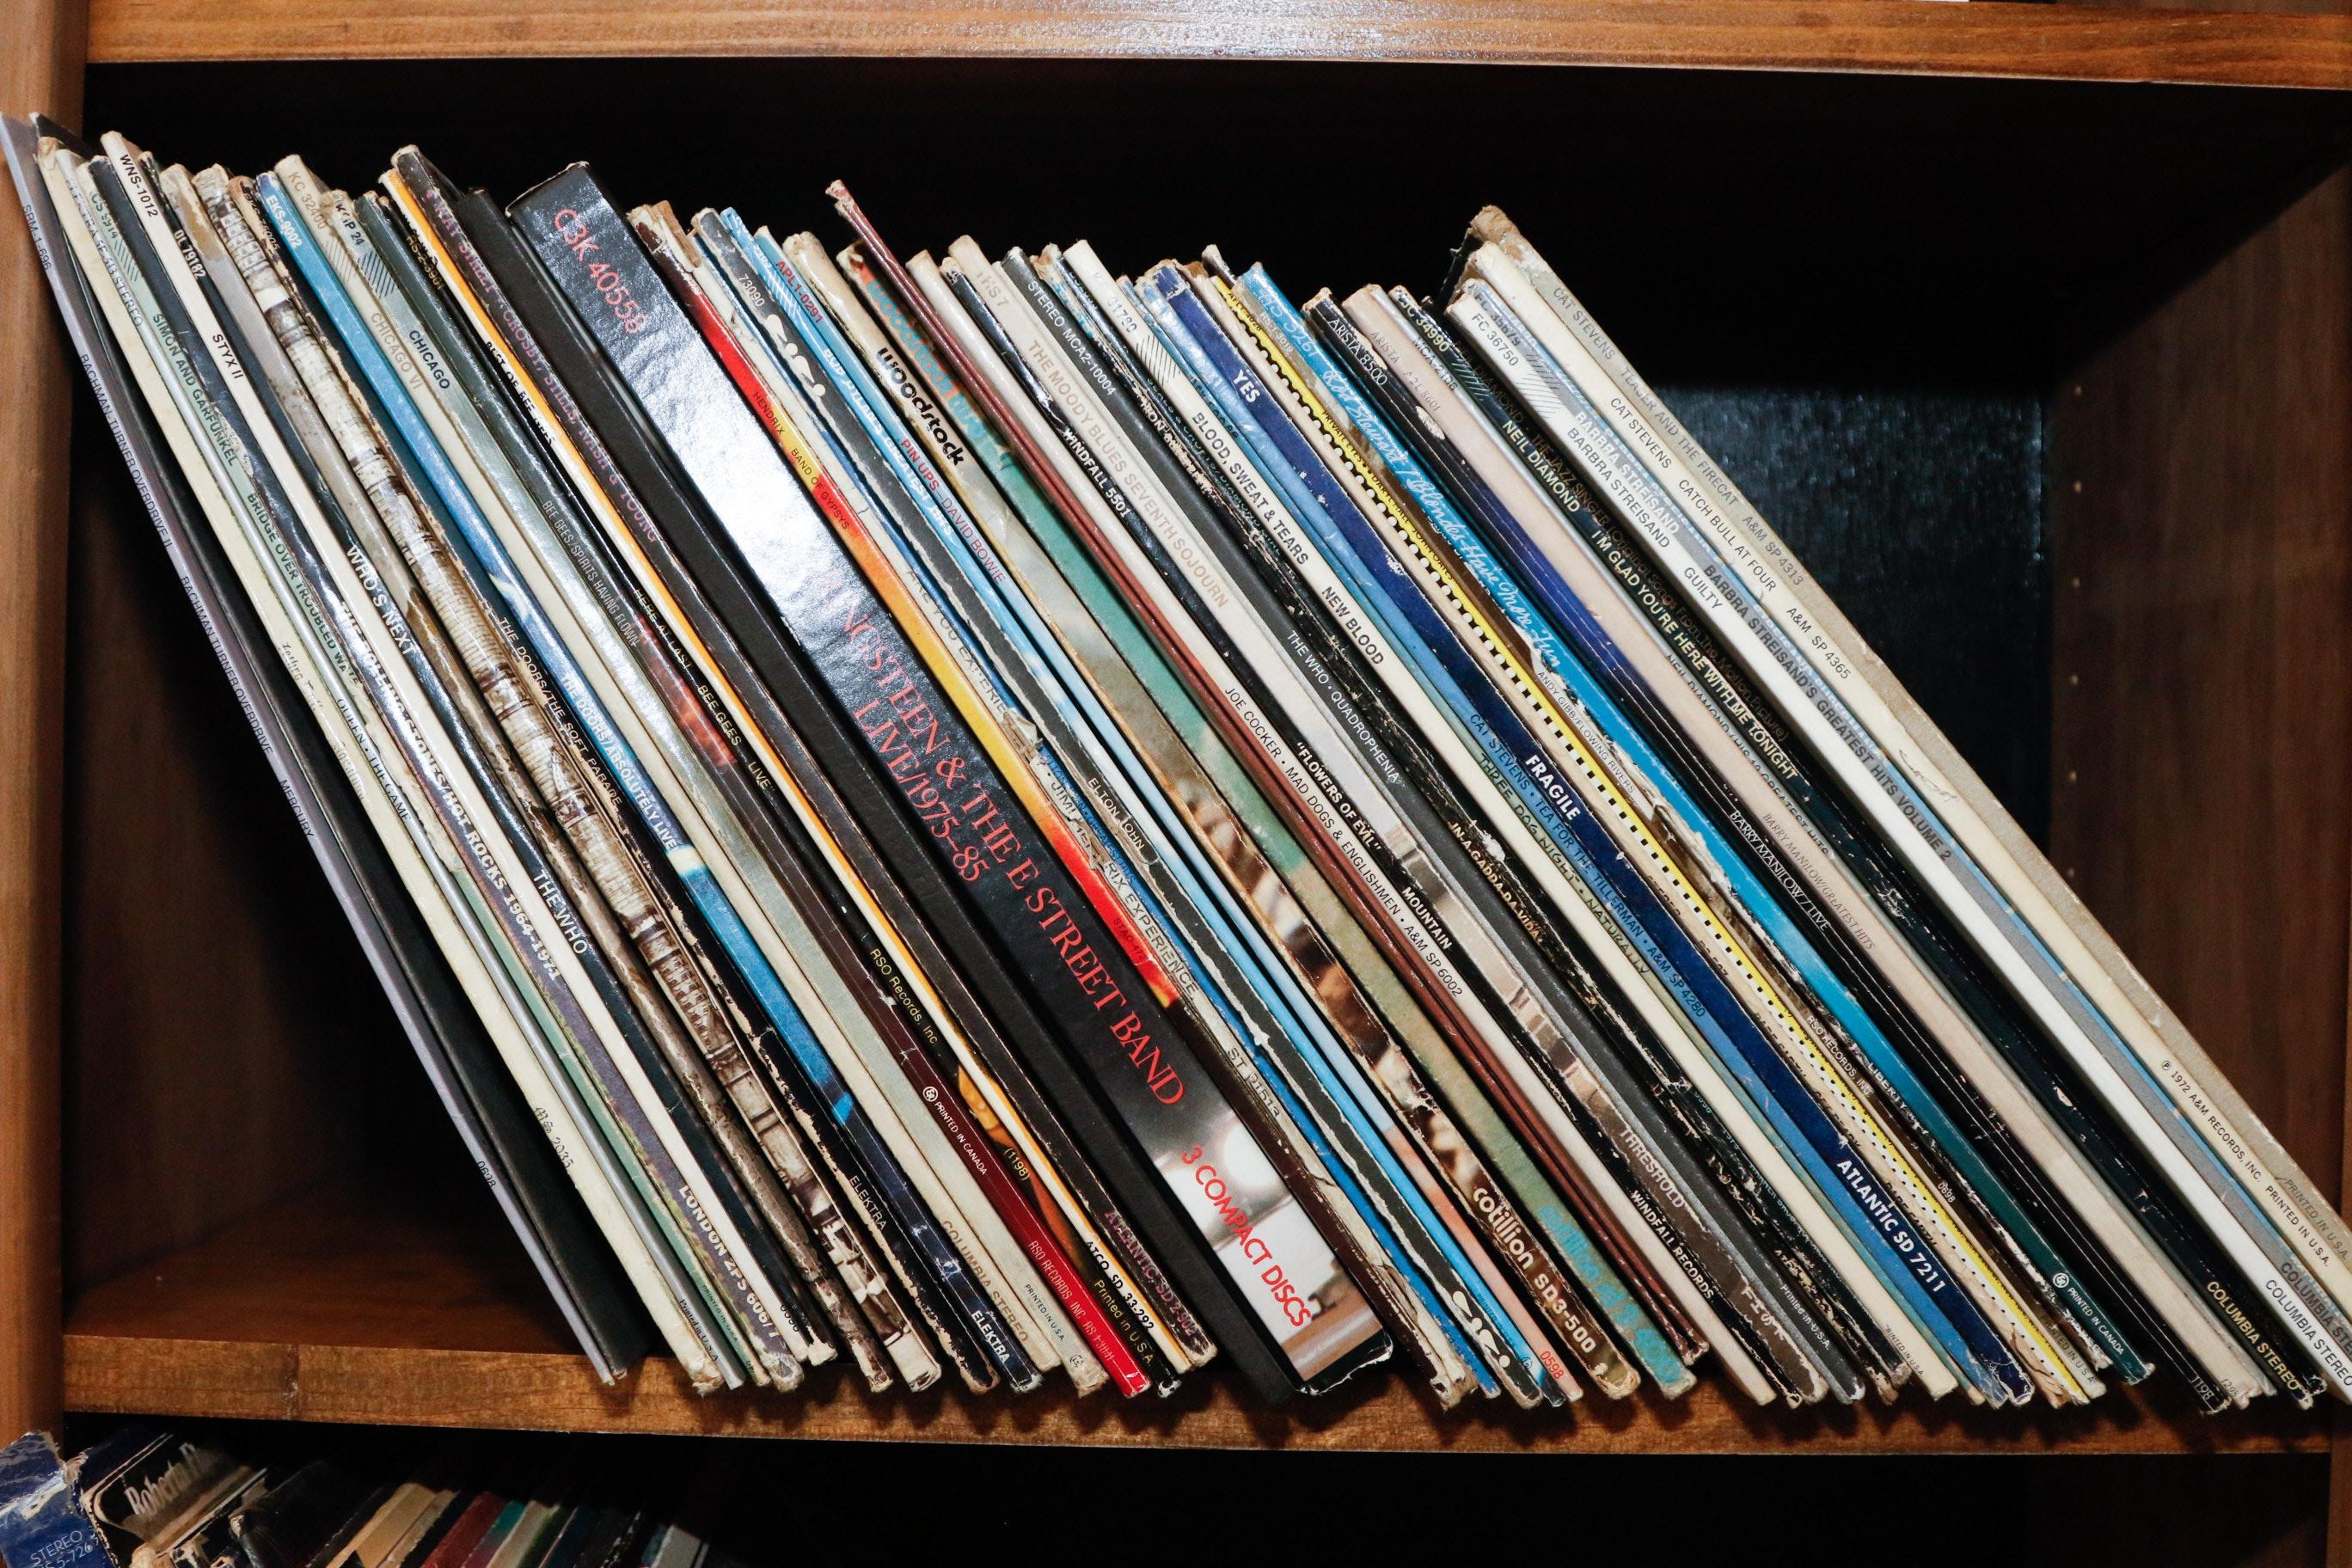 Woodstock Original Soundtrack Vinyl